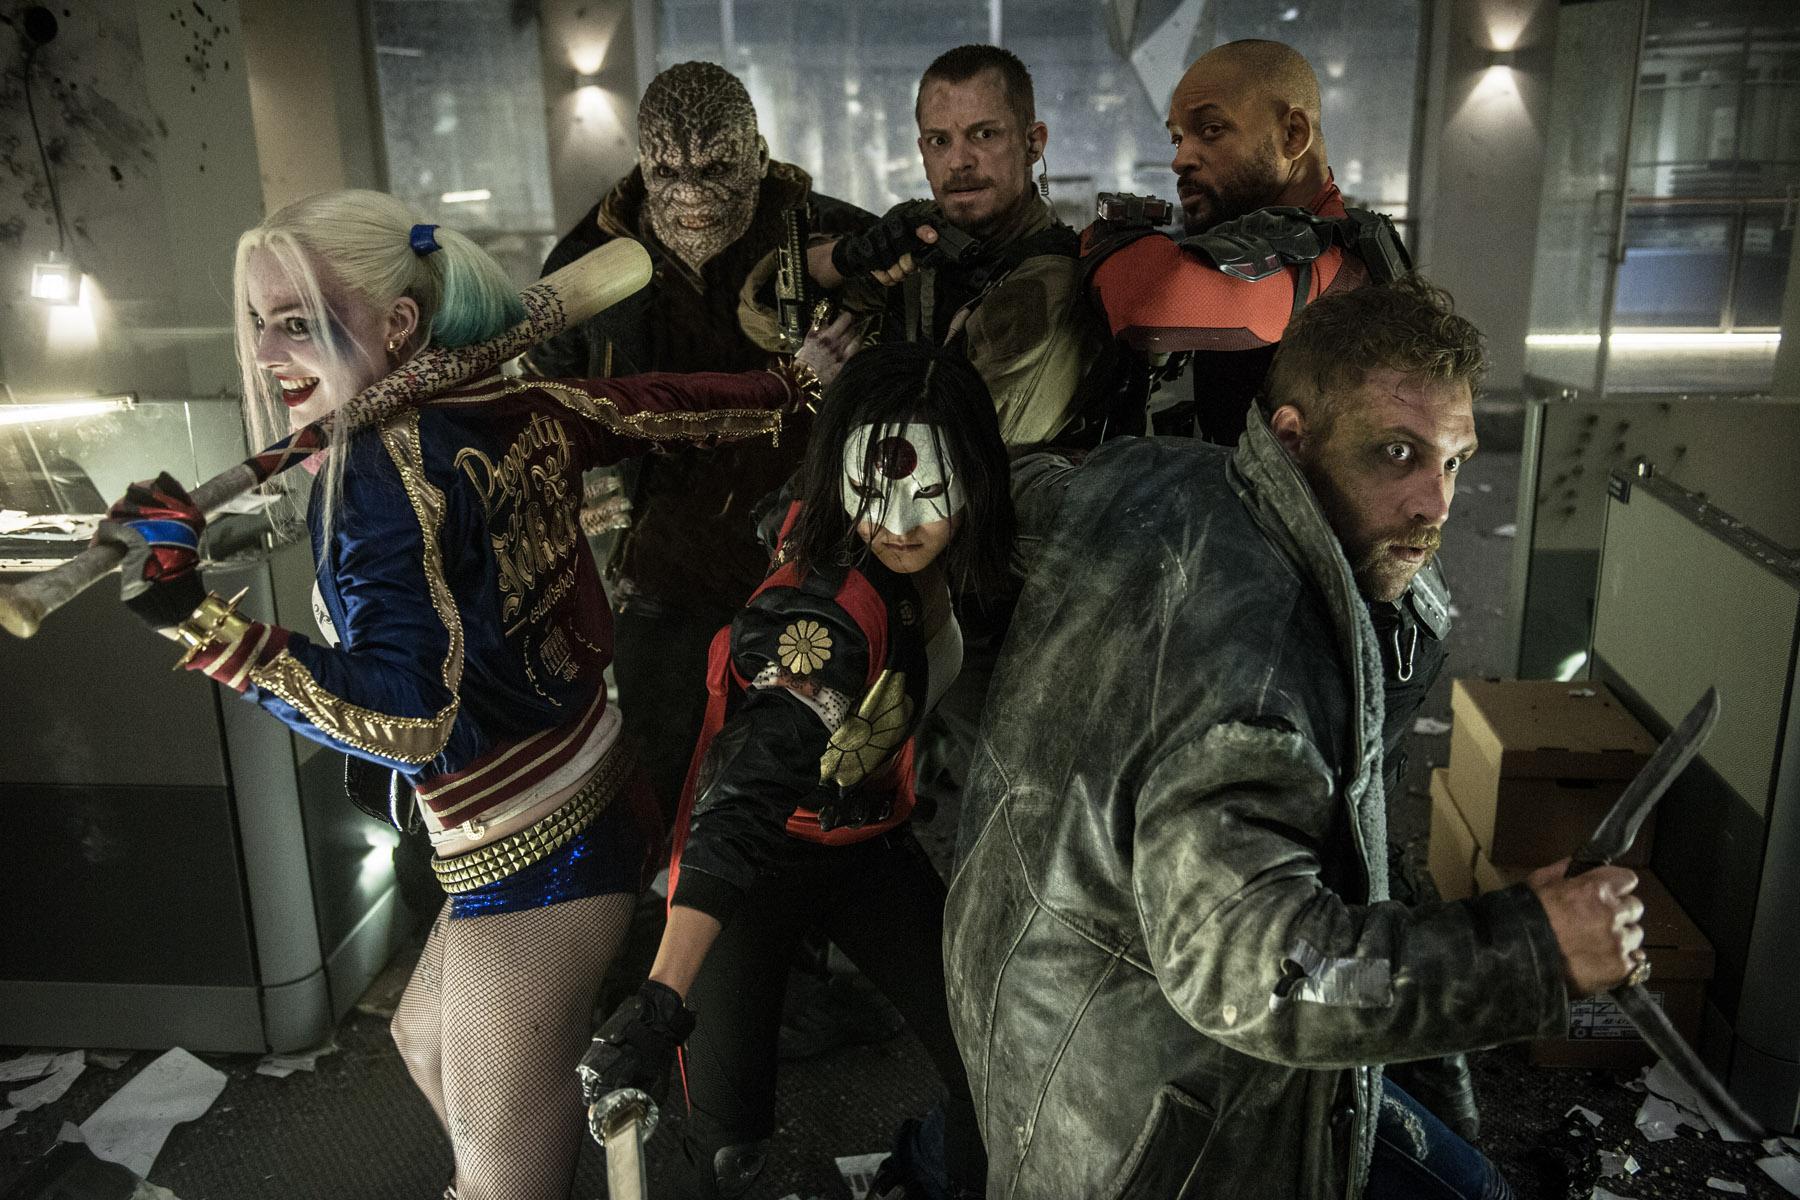 《自杀小队》发布新剧照 全队出击小丑缺席 蝙蝠侠客串细节曝光